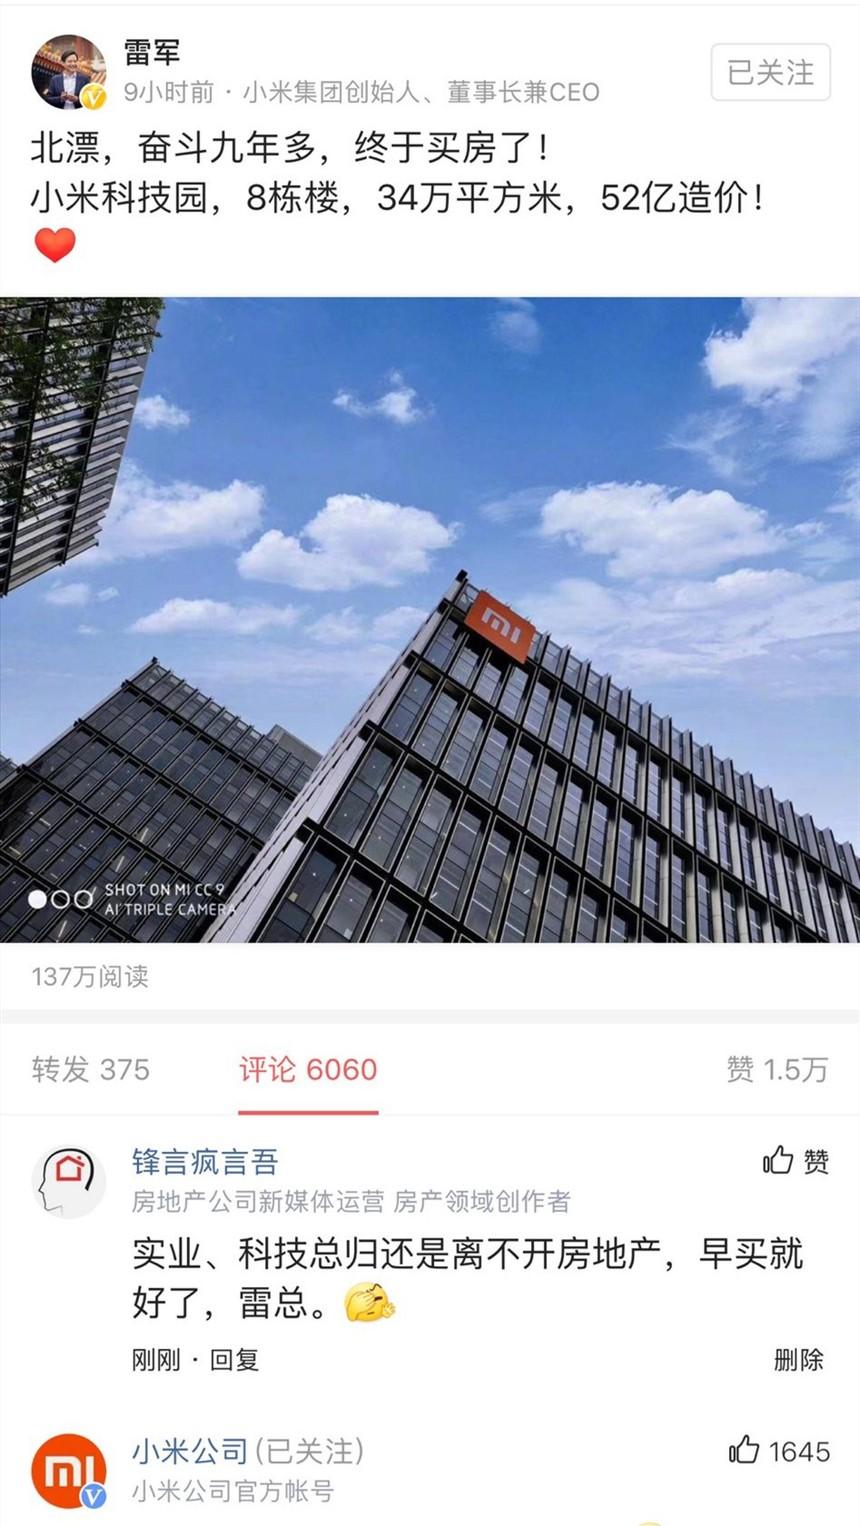 雷军52亿买房34万平方米.jpg